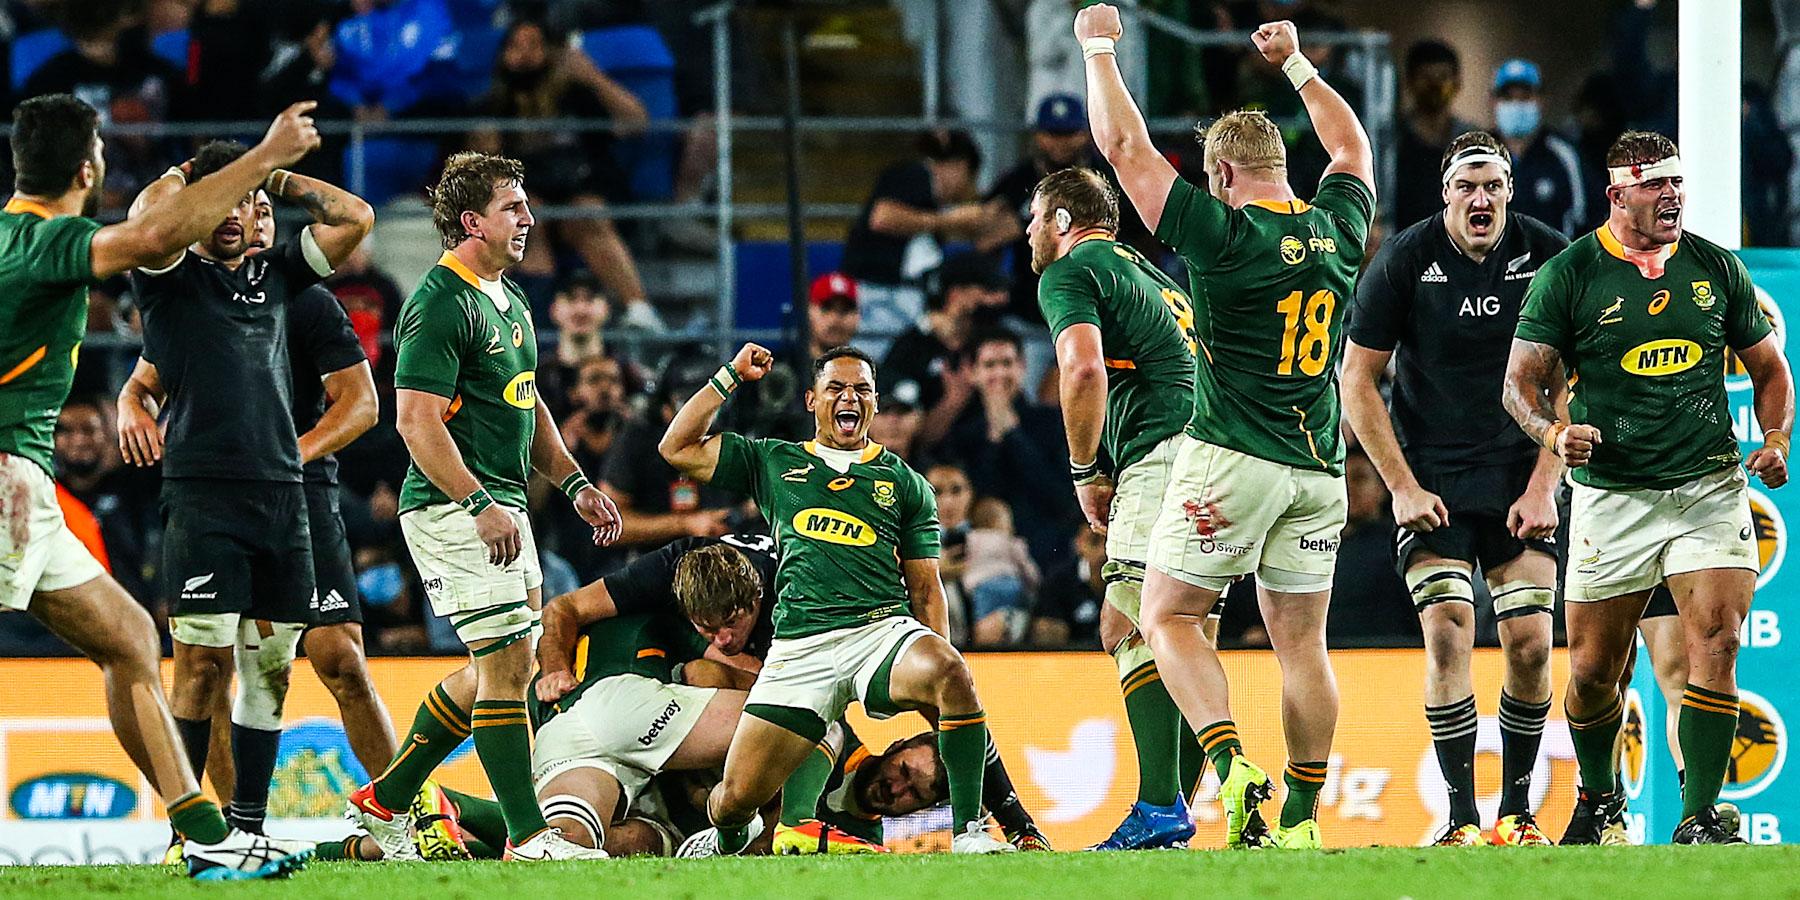 Video: gli Highlights di Sudafrica-Nuova Zelanda (ph. @Springboks)